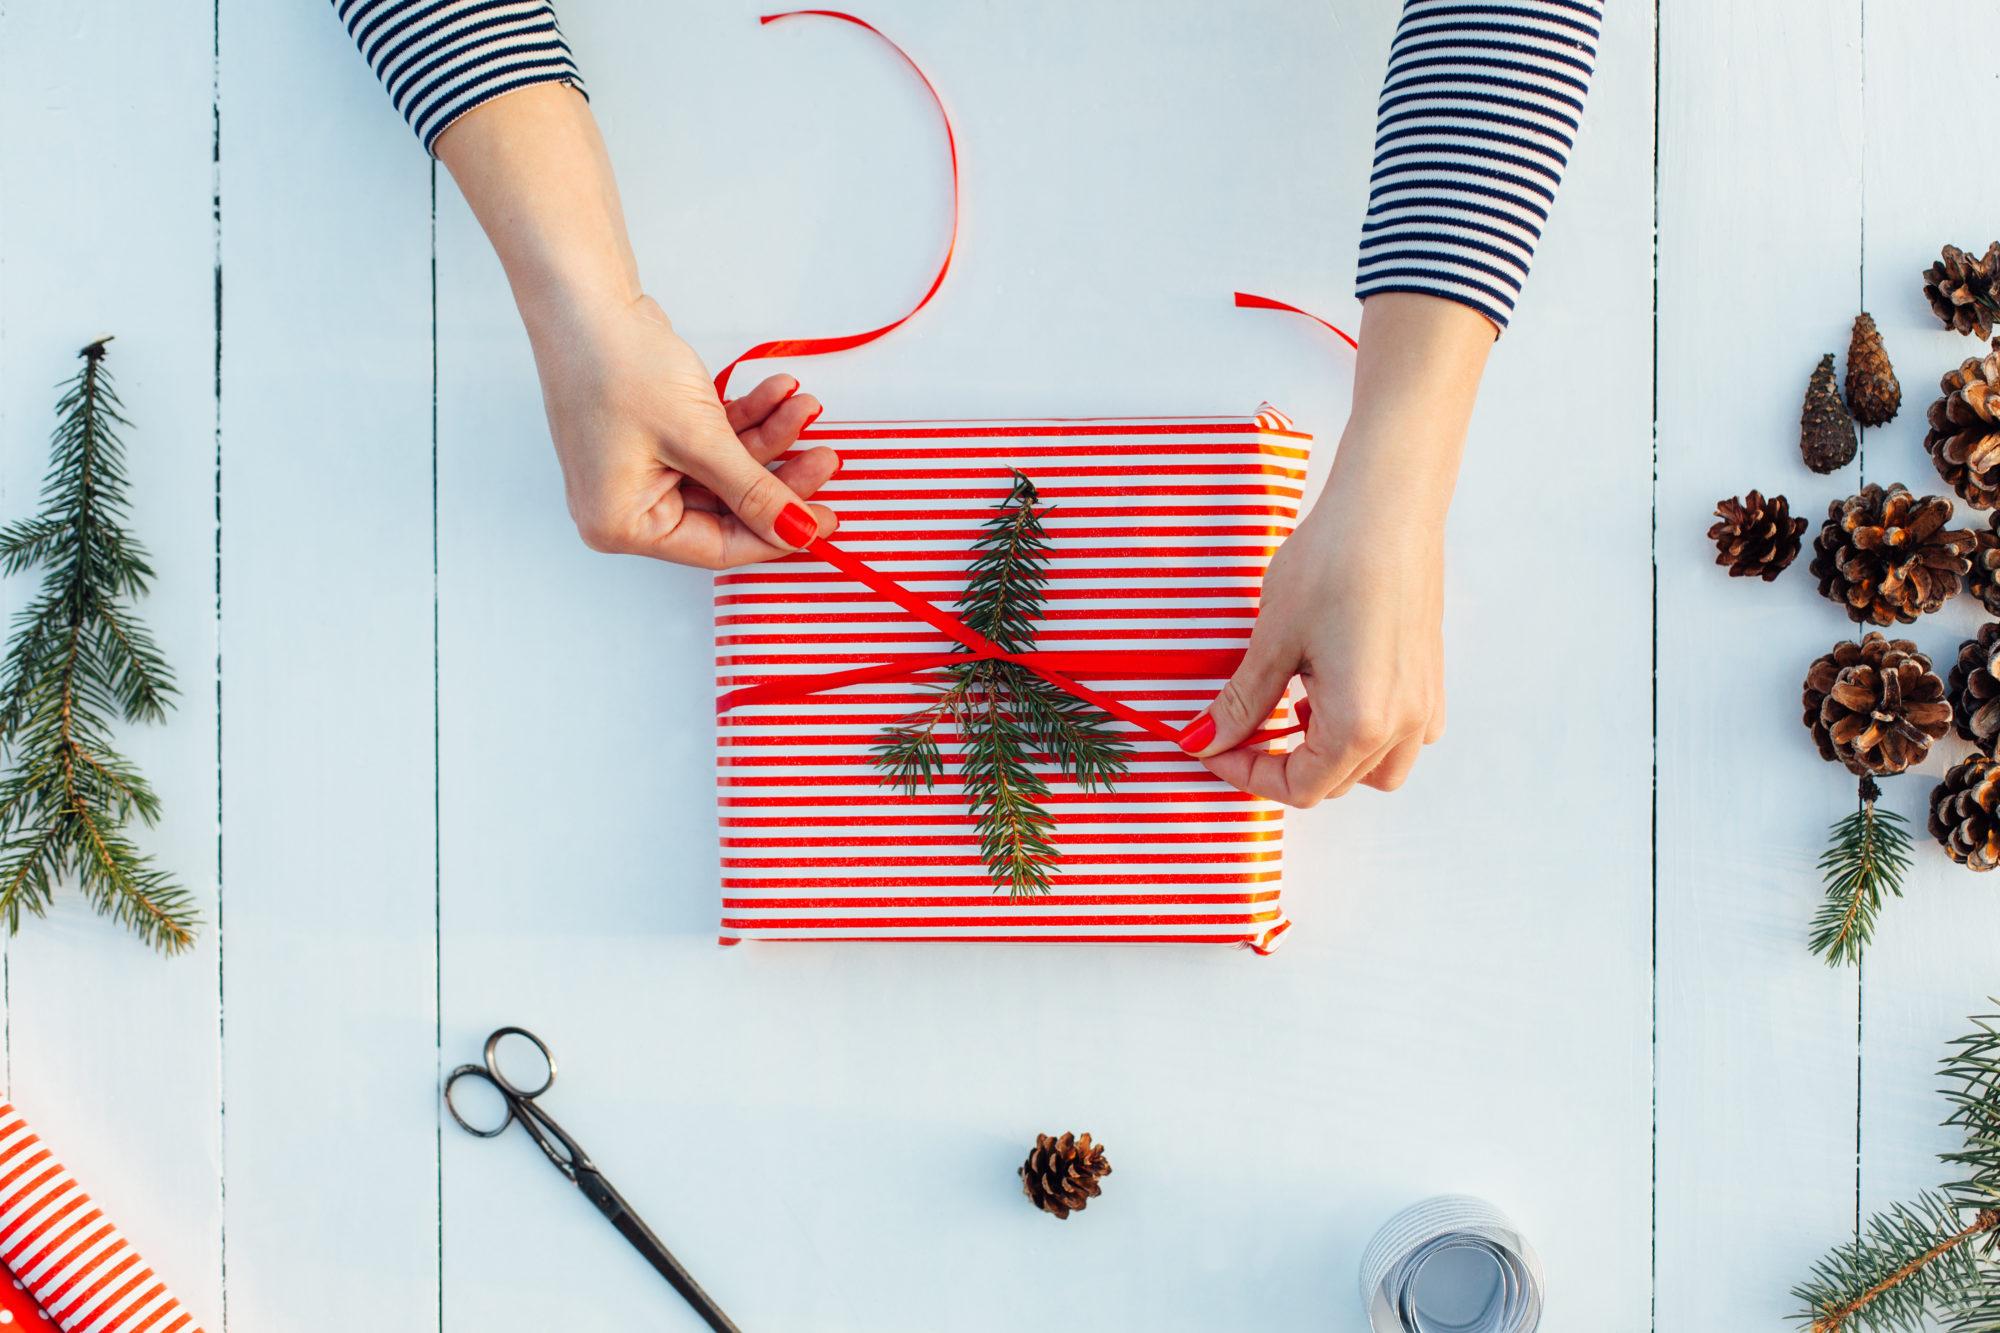 welche kleinen geschenke eignen sich f r kinder mit nahrungsmittelallergie ecarf. Black Bedroom Furniture Sets. Home Design Ideas